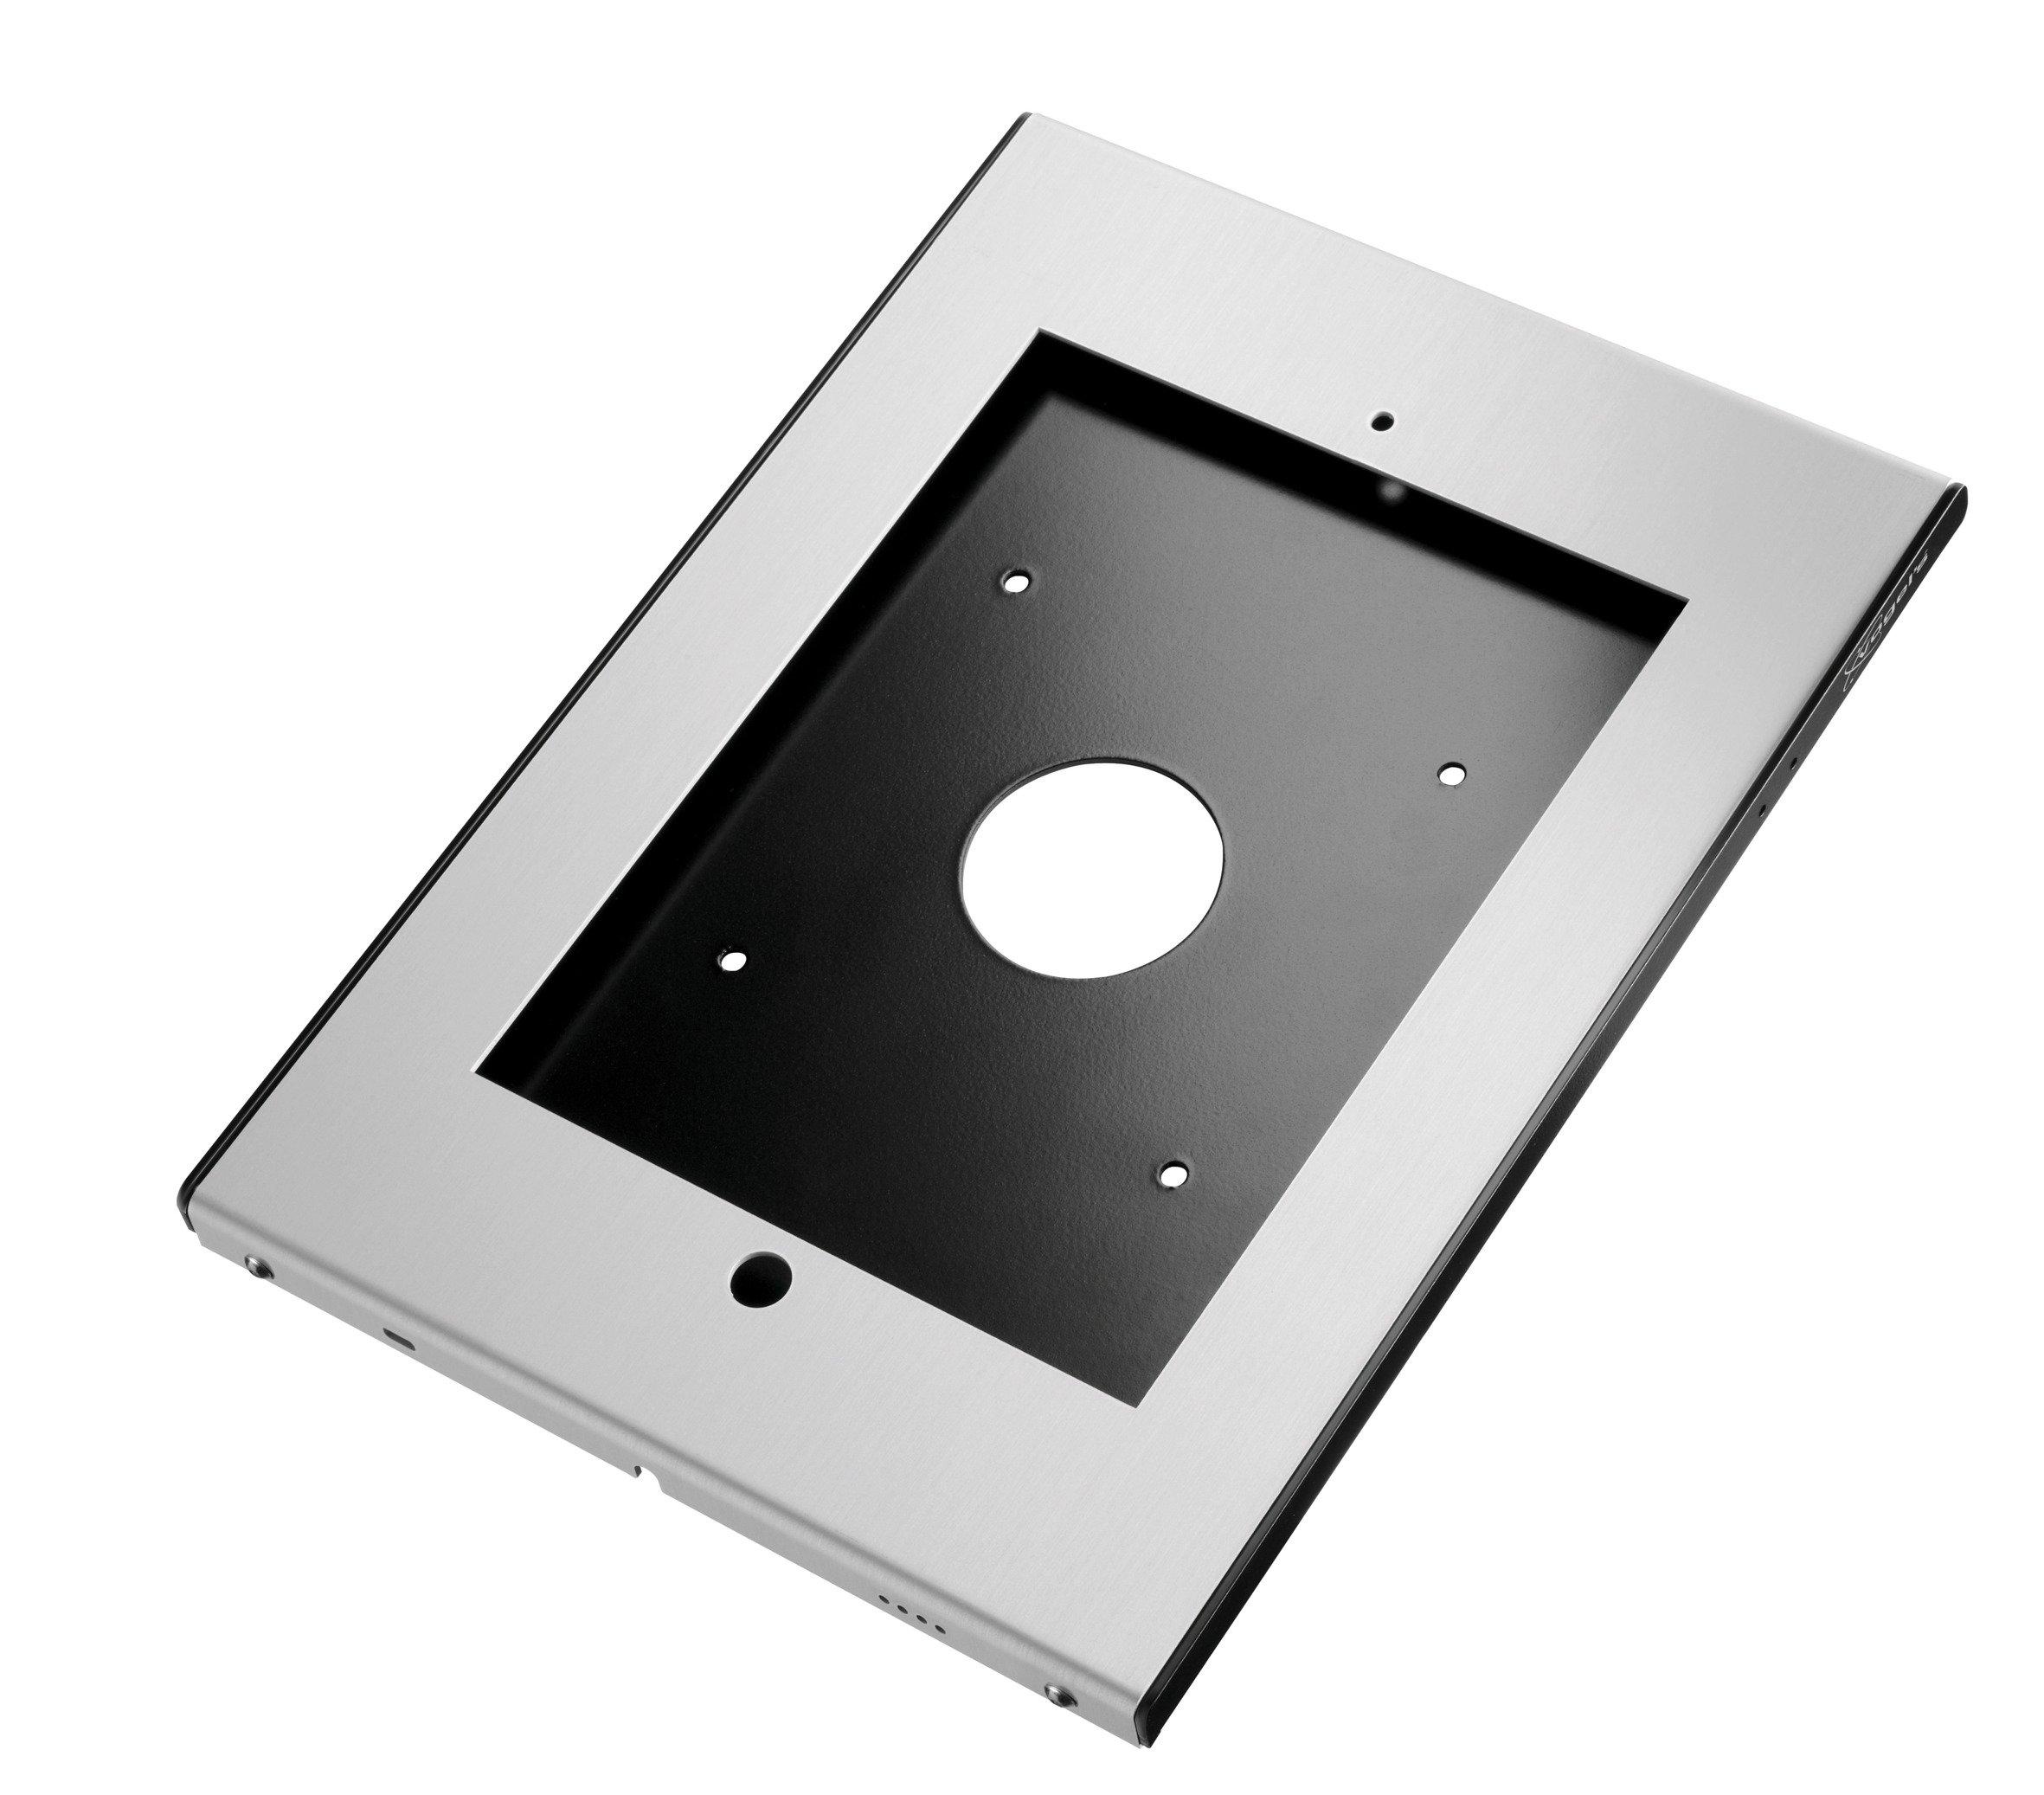 Professional PTS 1105 TabLock - Sicheres Gehäuse für Web-Tablet - für Apple iPad 2